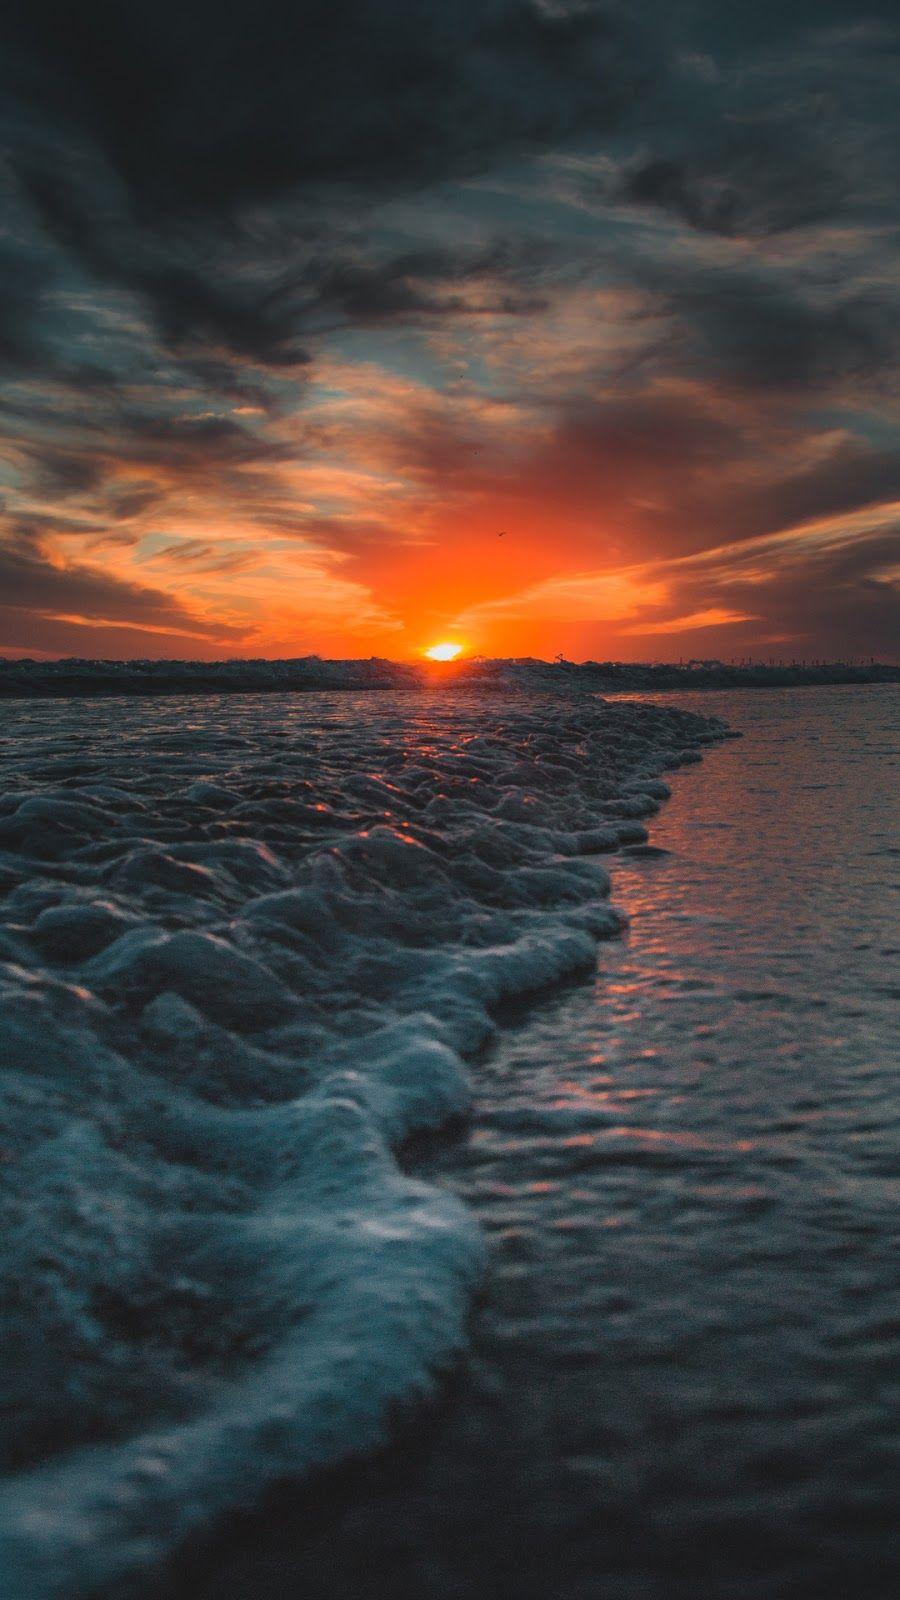 Sunset In The Beach Sunset Wallpaper Beach Sunset Wallpaper